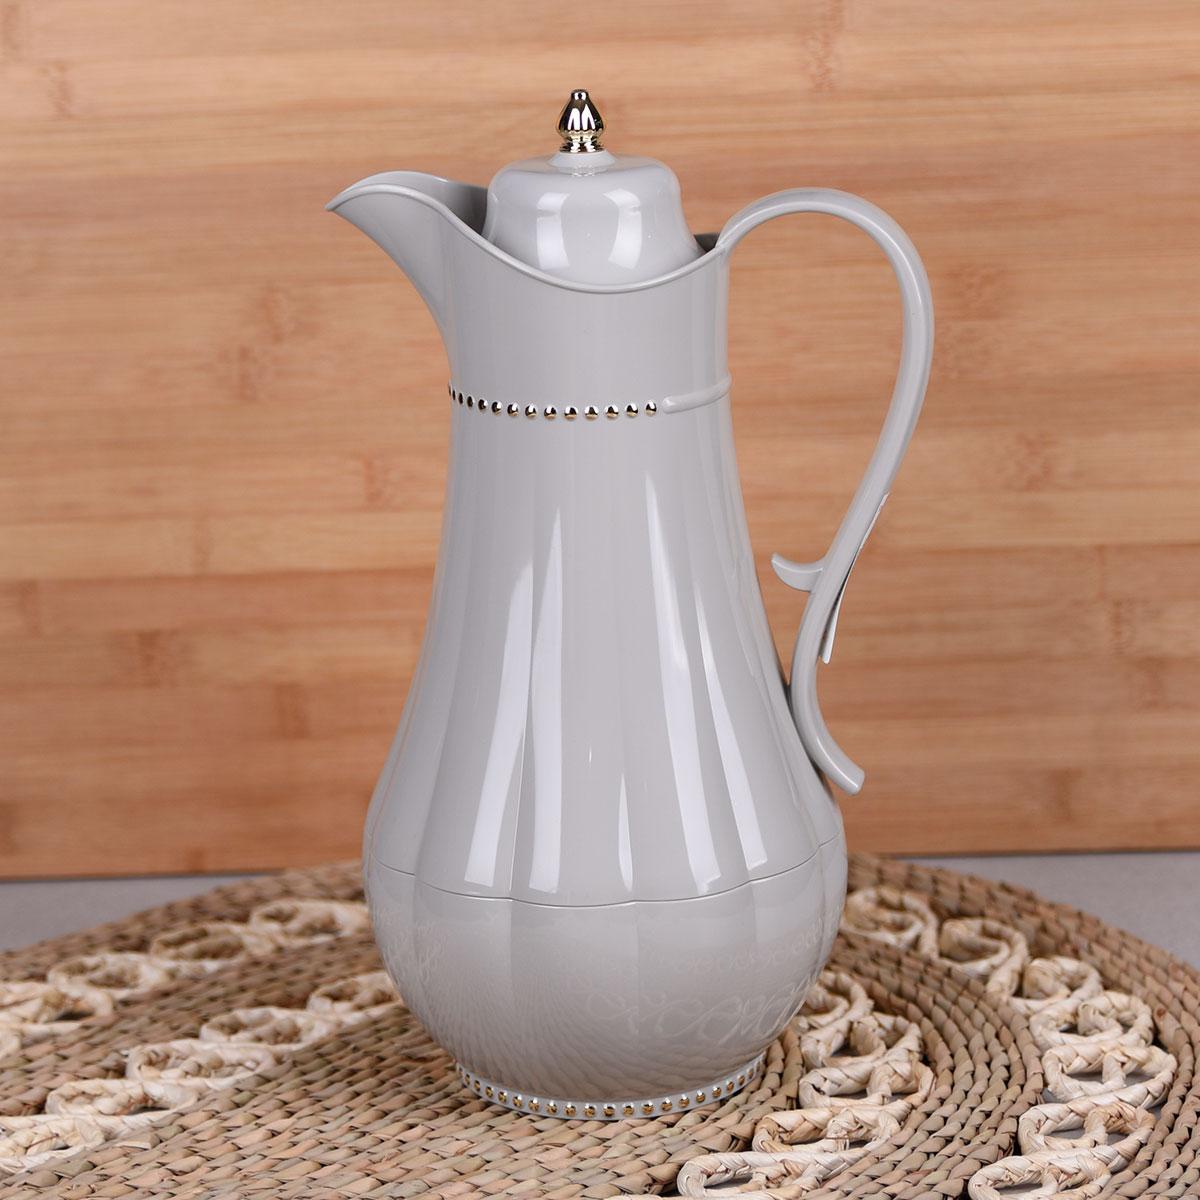 ترمس شاي وقهوة , فلورا , مقاس 0.75 لتر , لون رمادي فاتح